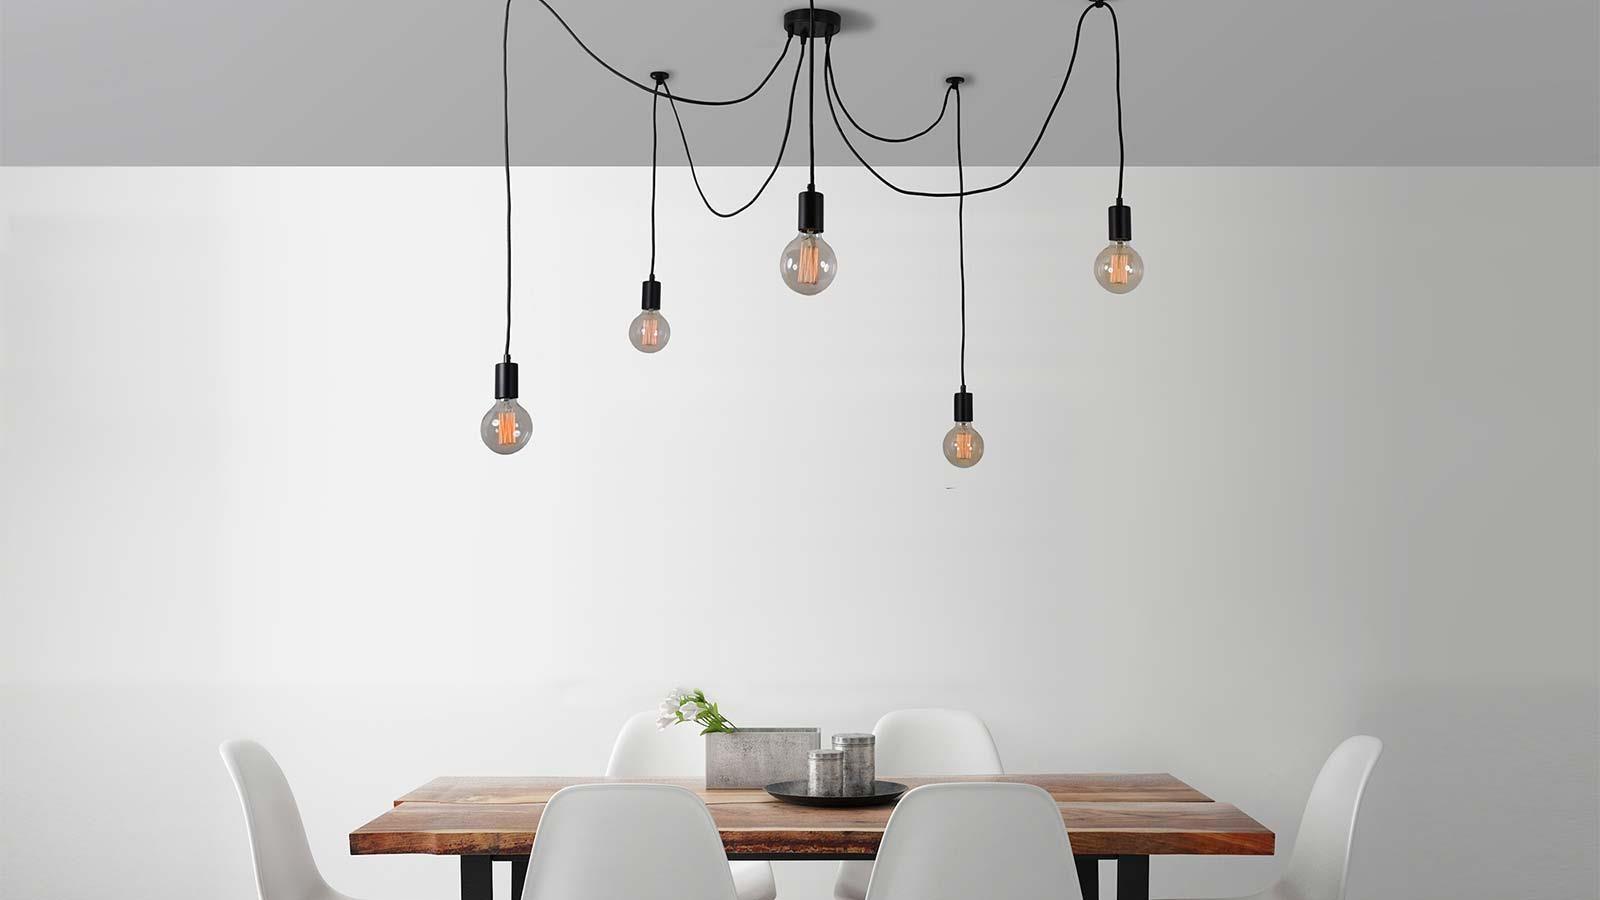 Come illuminare un tavolo da pranzo con lampadari o sospensioni